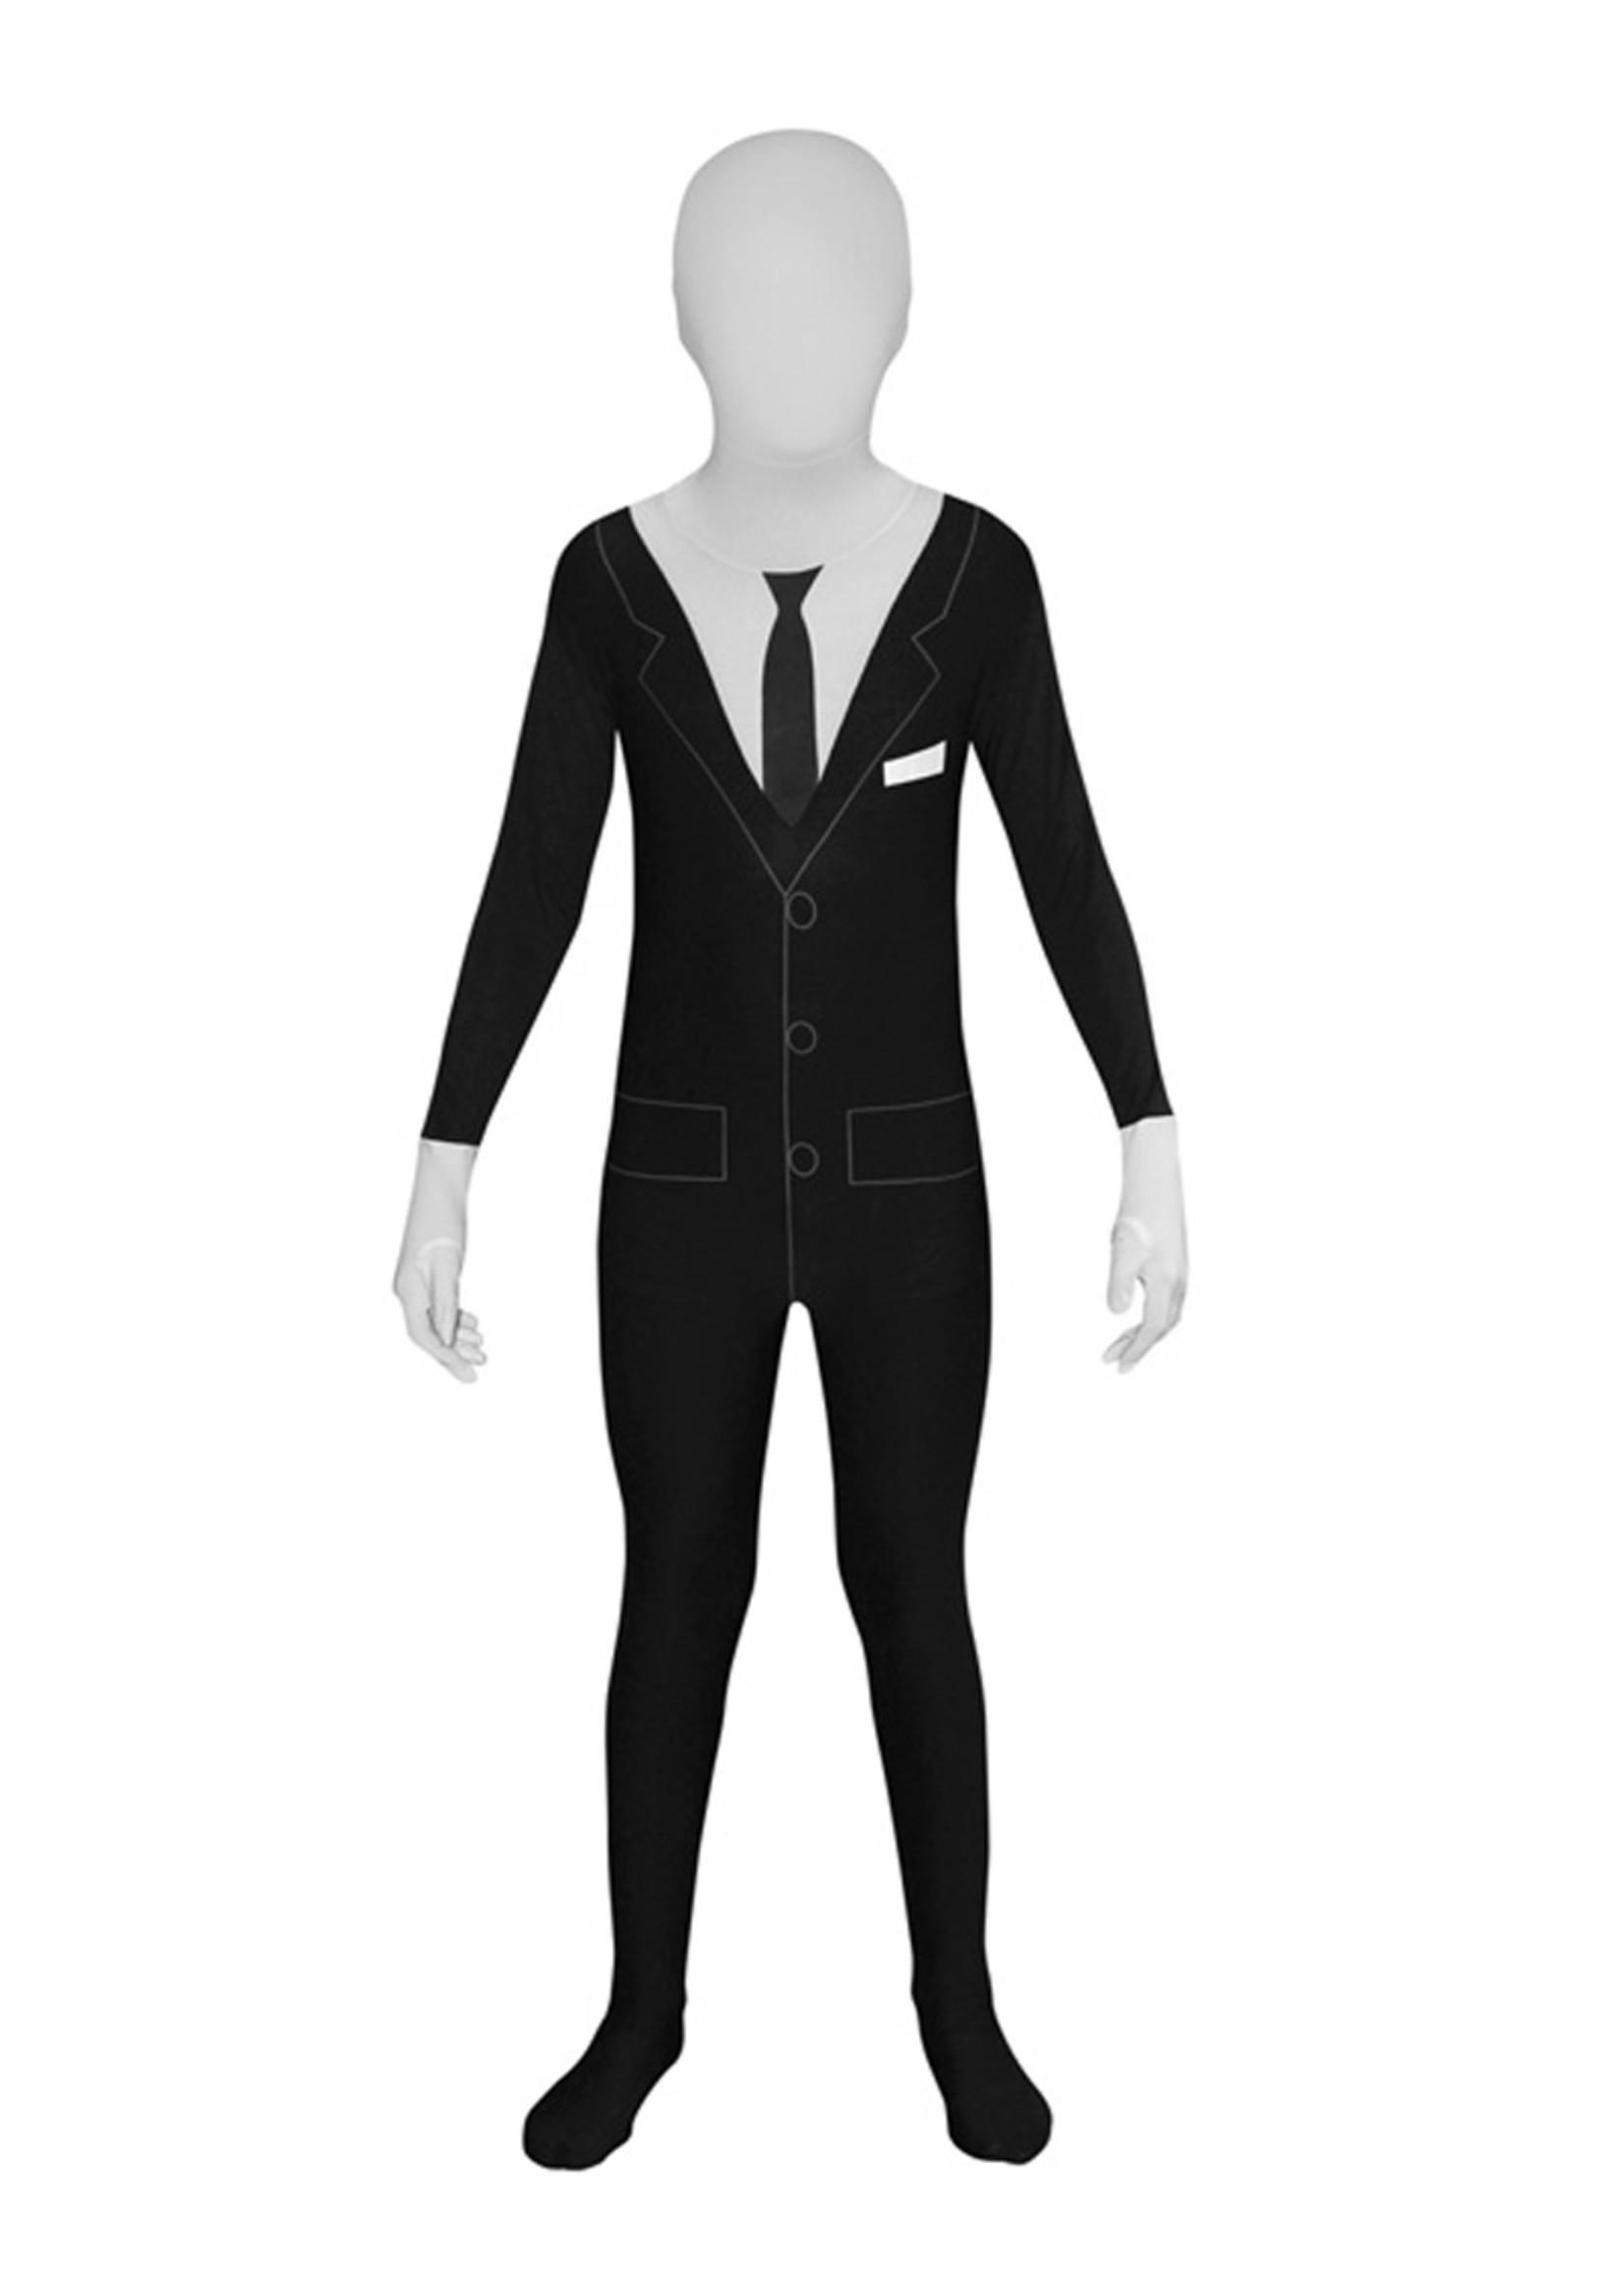 Slenderman Morphsuit Costume - Boy's